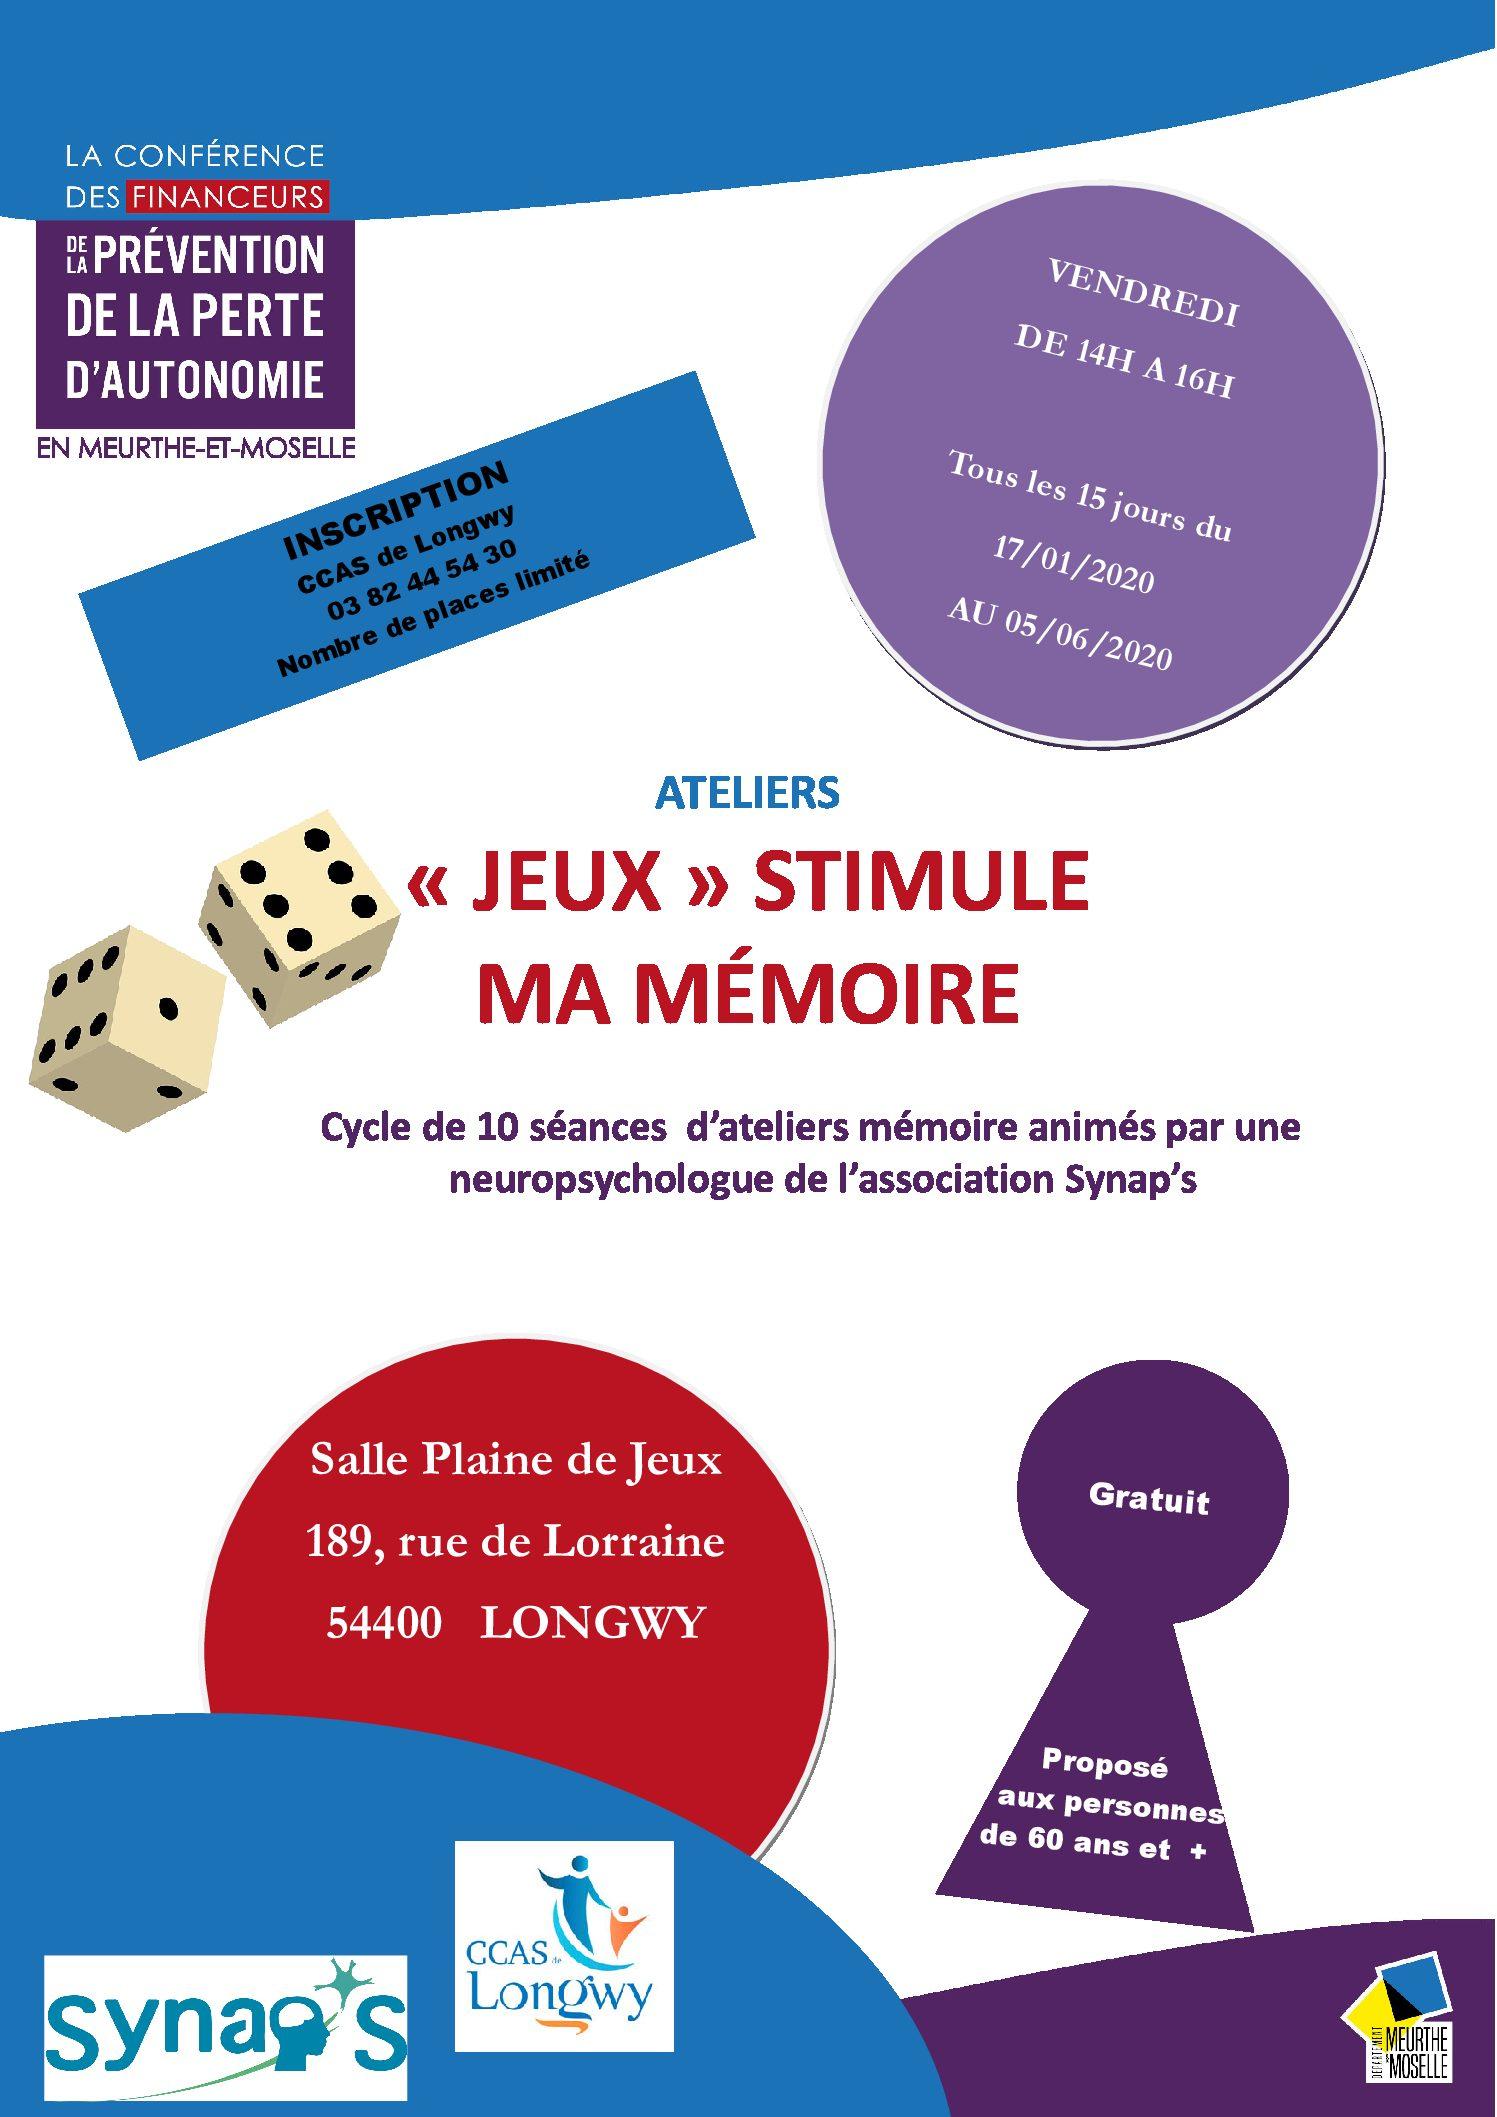 Ateliers « Jeux » Stimule Ma Mémoire - Association Synap's tout Jeux Memoire Gratuit